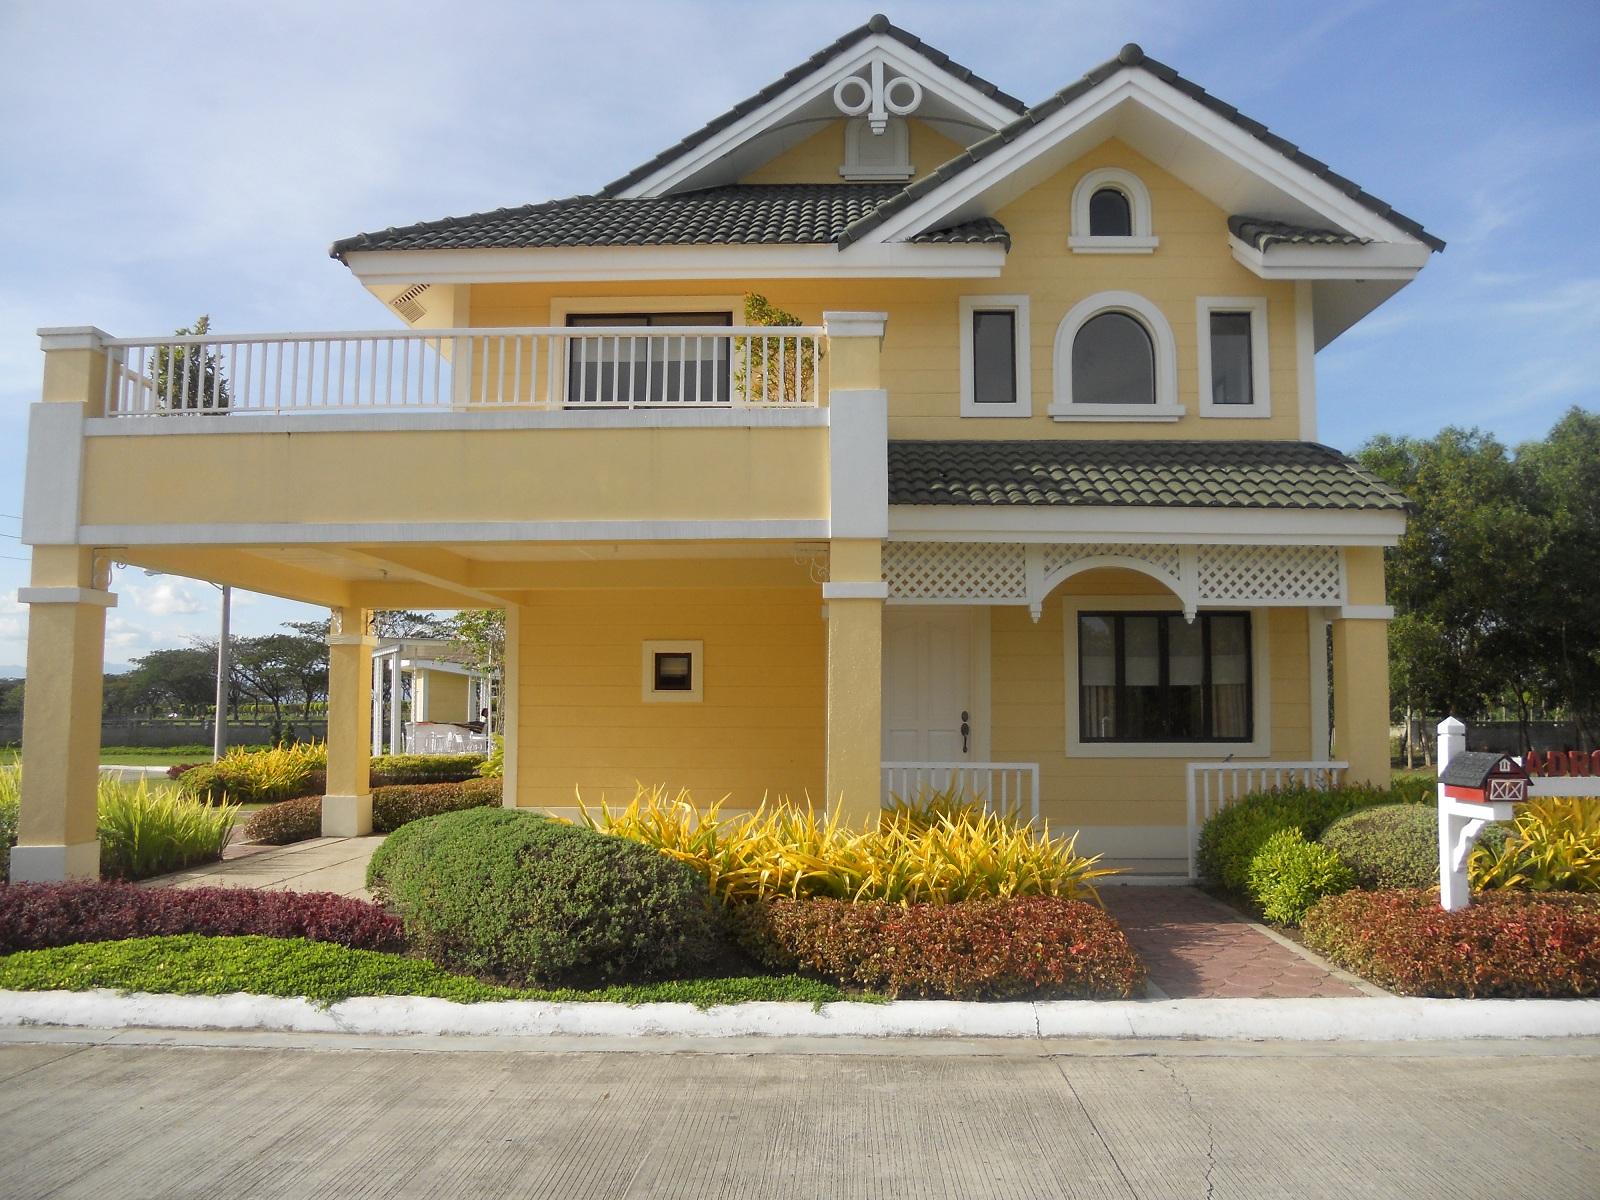 Цены на жилую недвижимость в Австрали поднялись за квартал на 3,4%